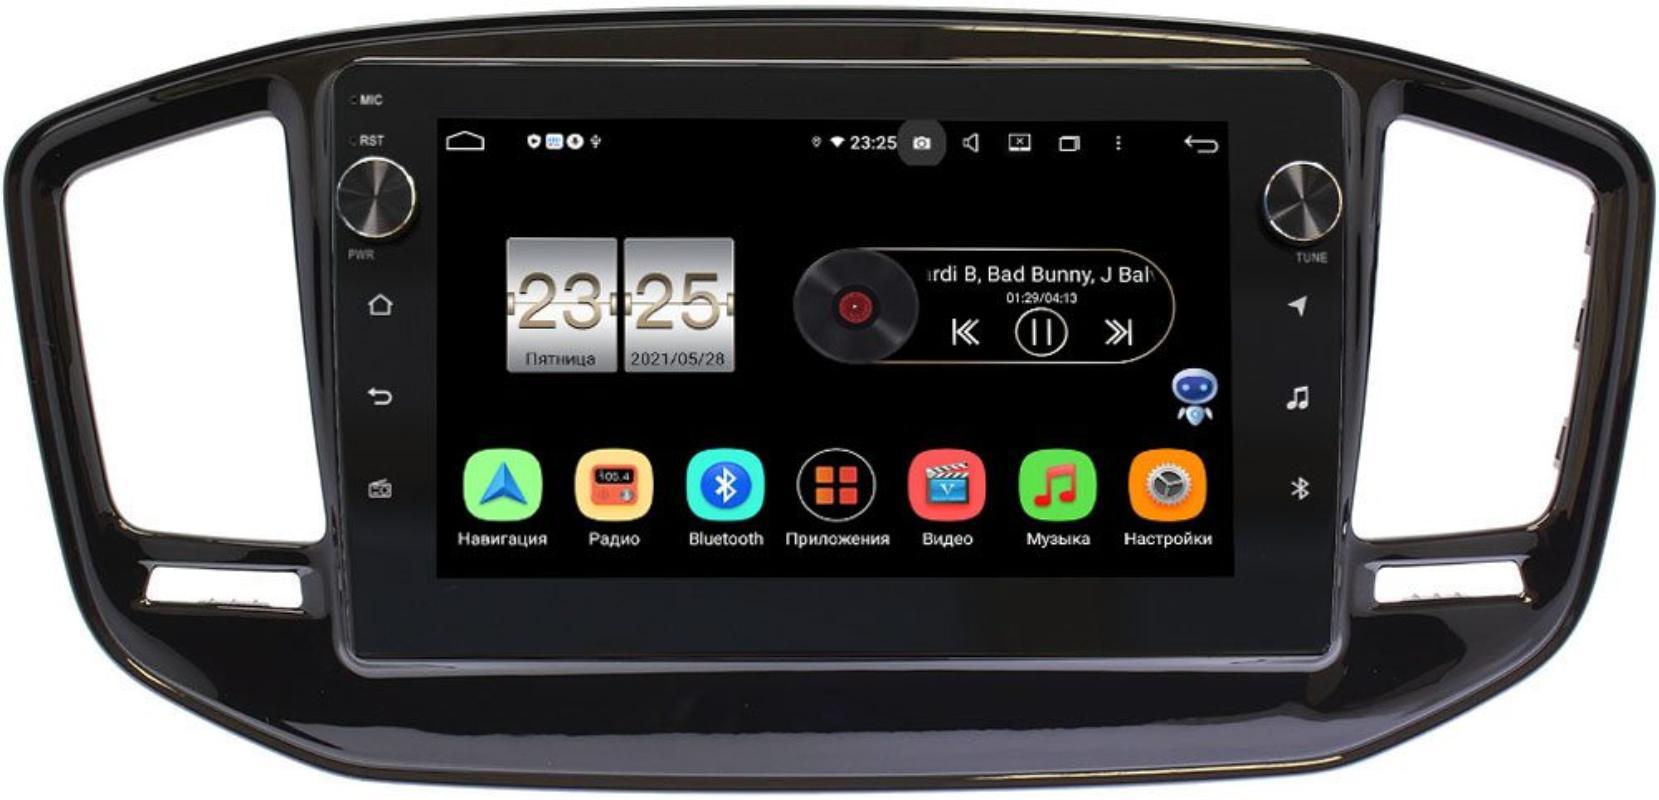 Штатная магнитола Geely Emgrand X7 2011-2018 LeTrun BPX609-EmgrandX7 на Android 10 (4/64, DSP, IPS, с голосовым ассистентом, с крутилками) (+ Камера заднего вида в подарок!)